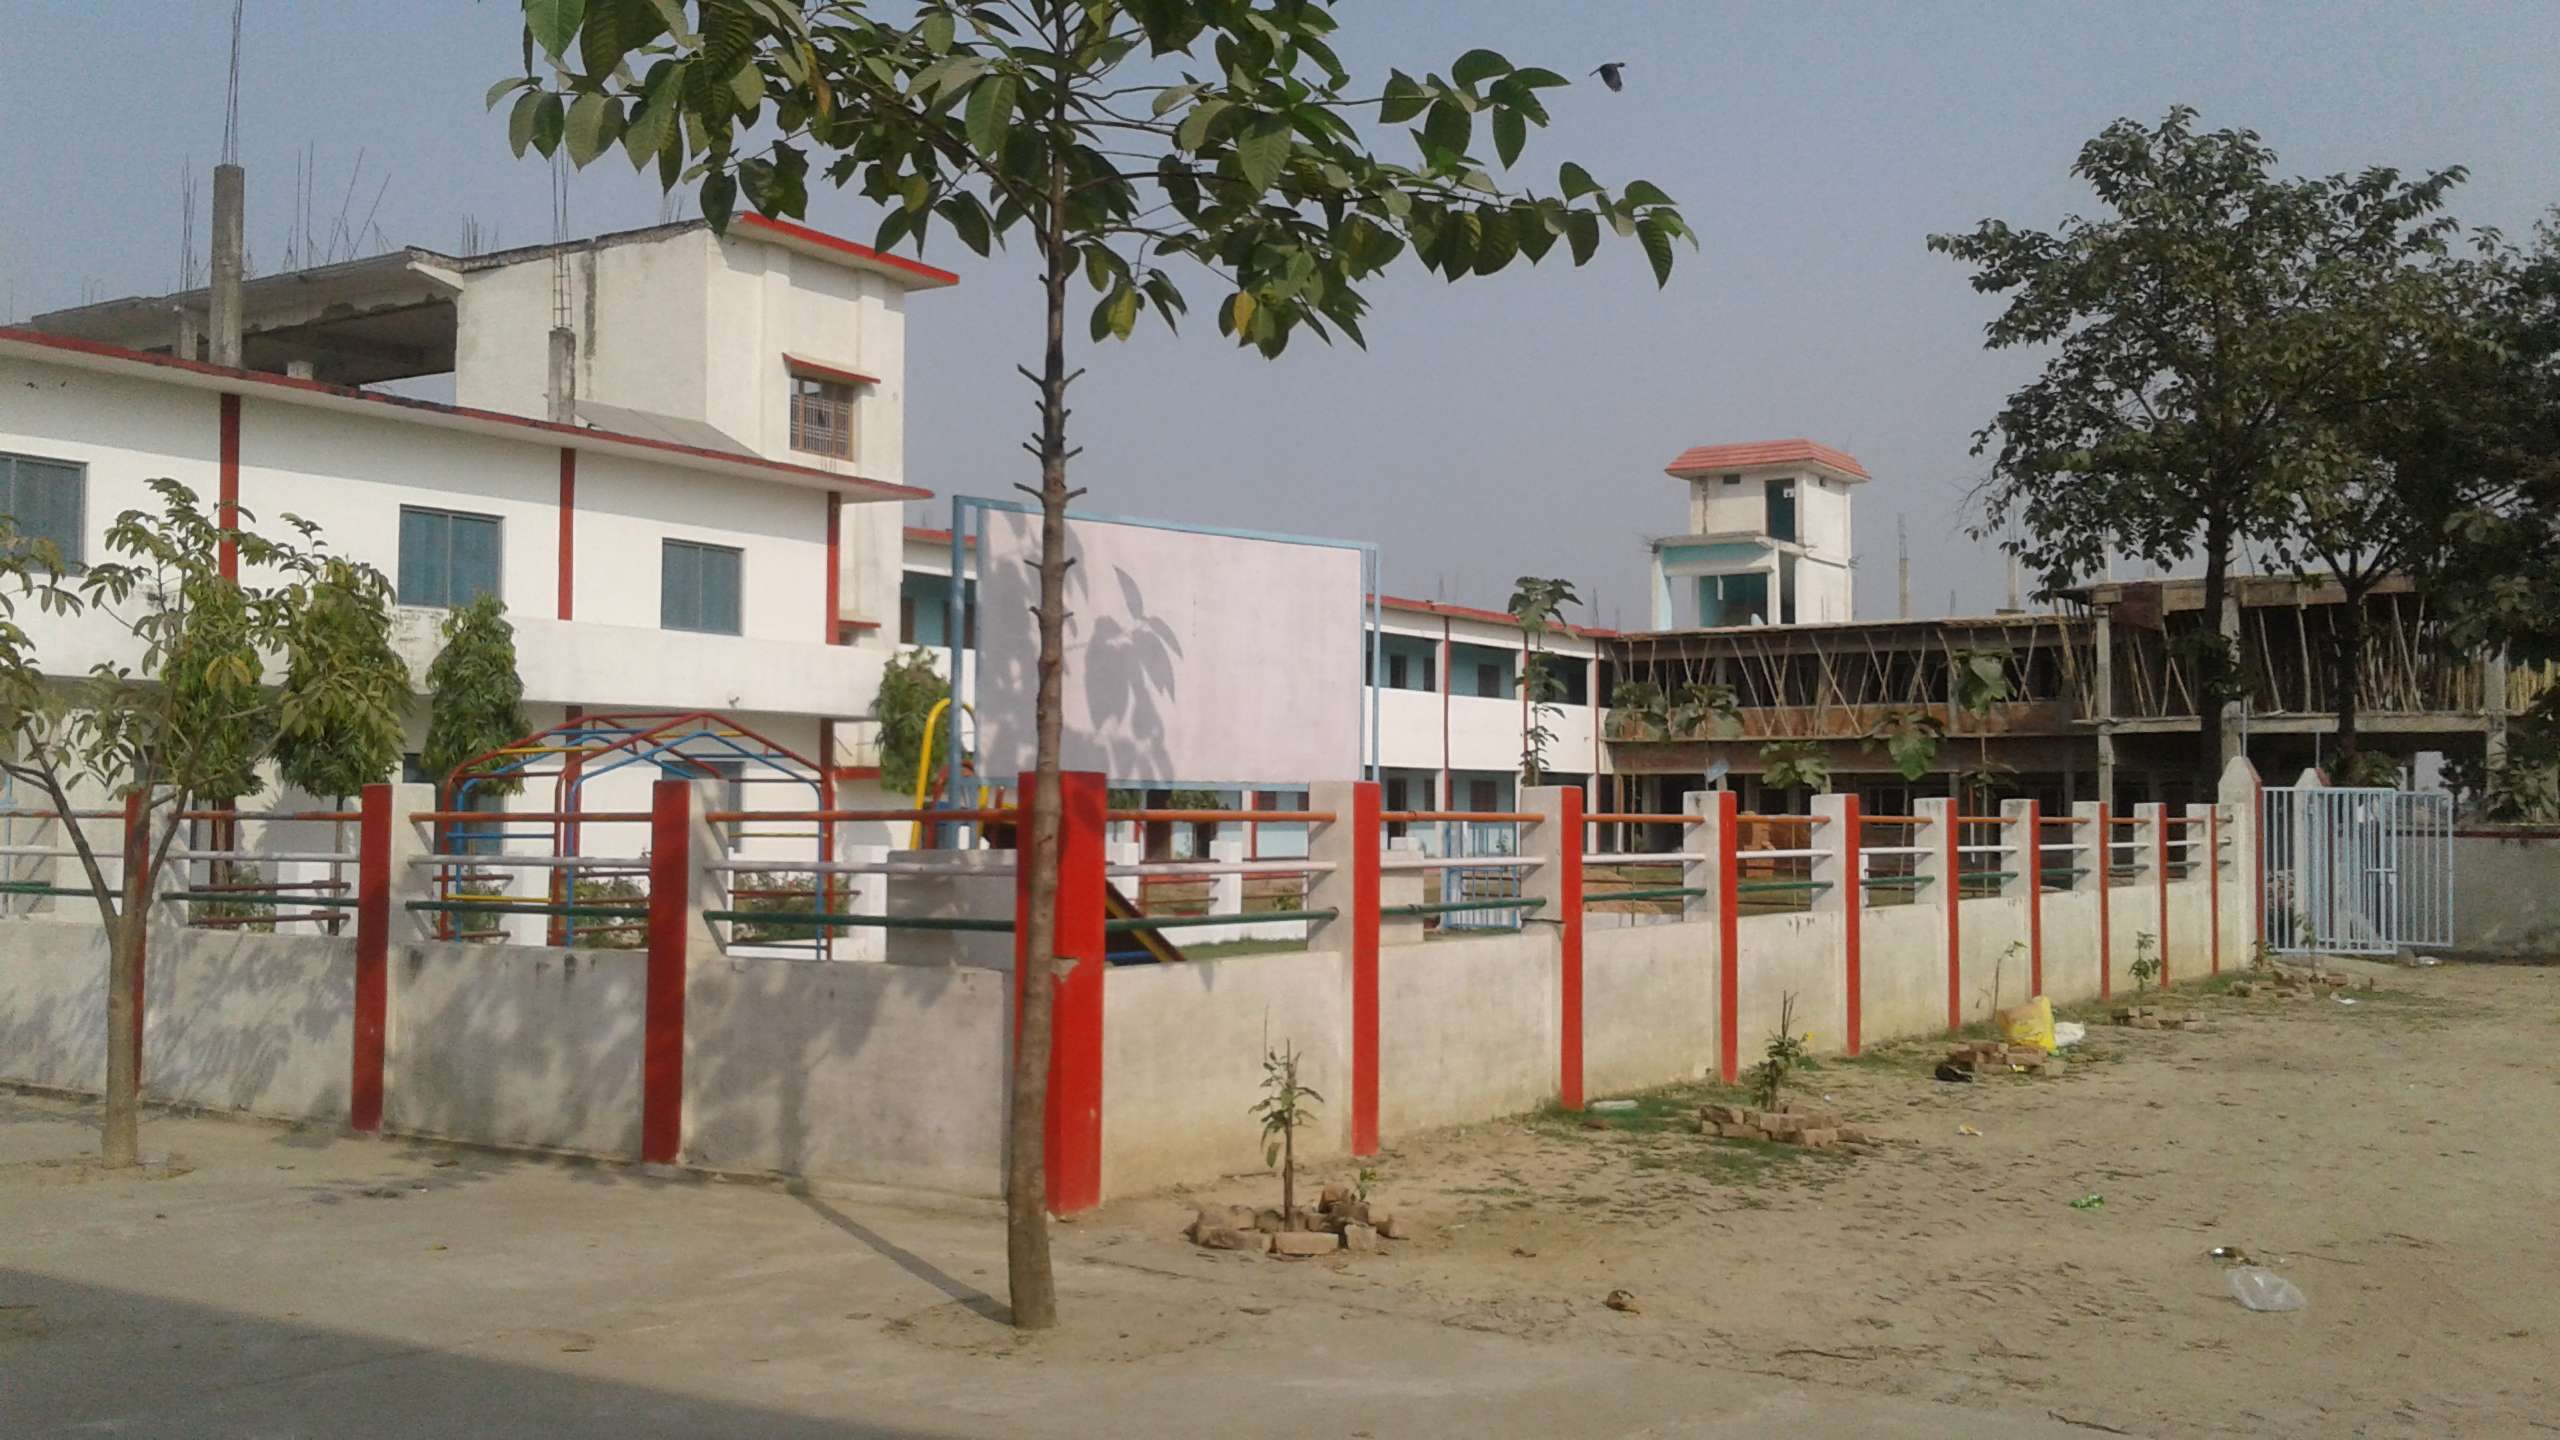 Toolika Public School Jamuna Deva Mau Road Ghazipur 2131004